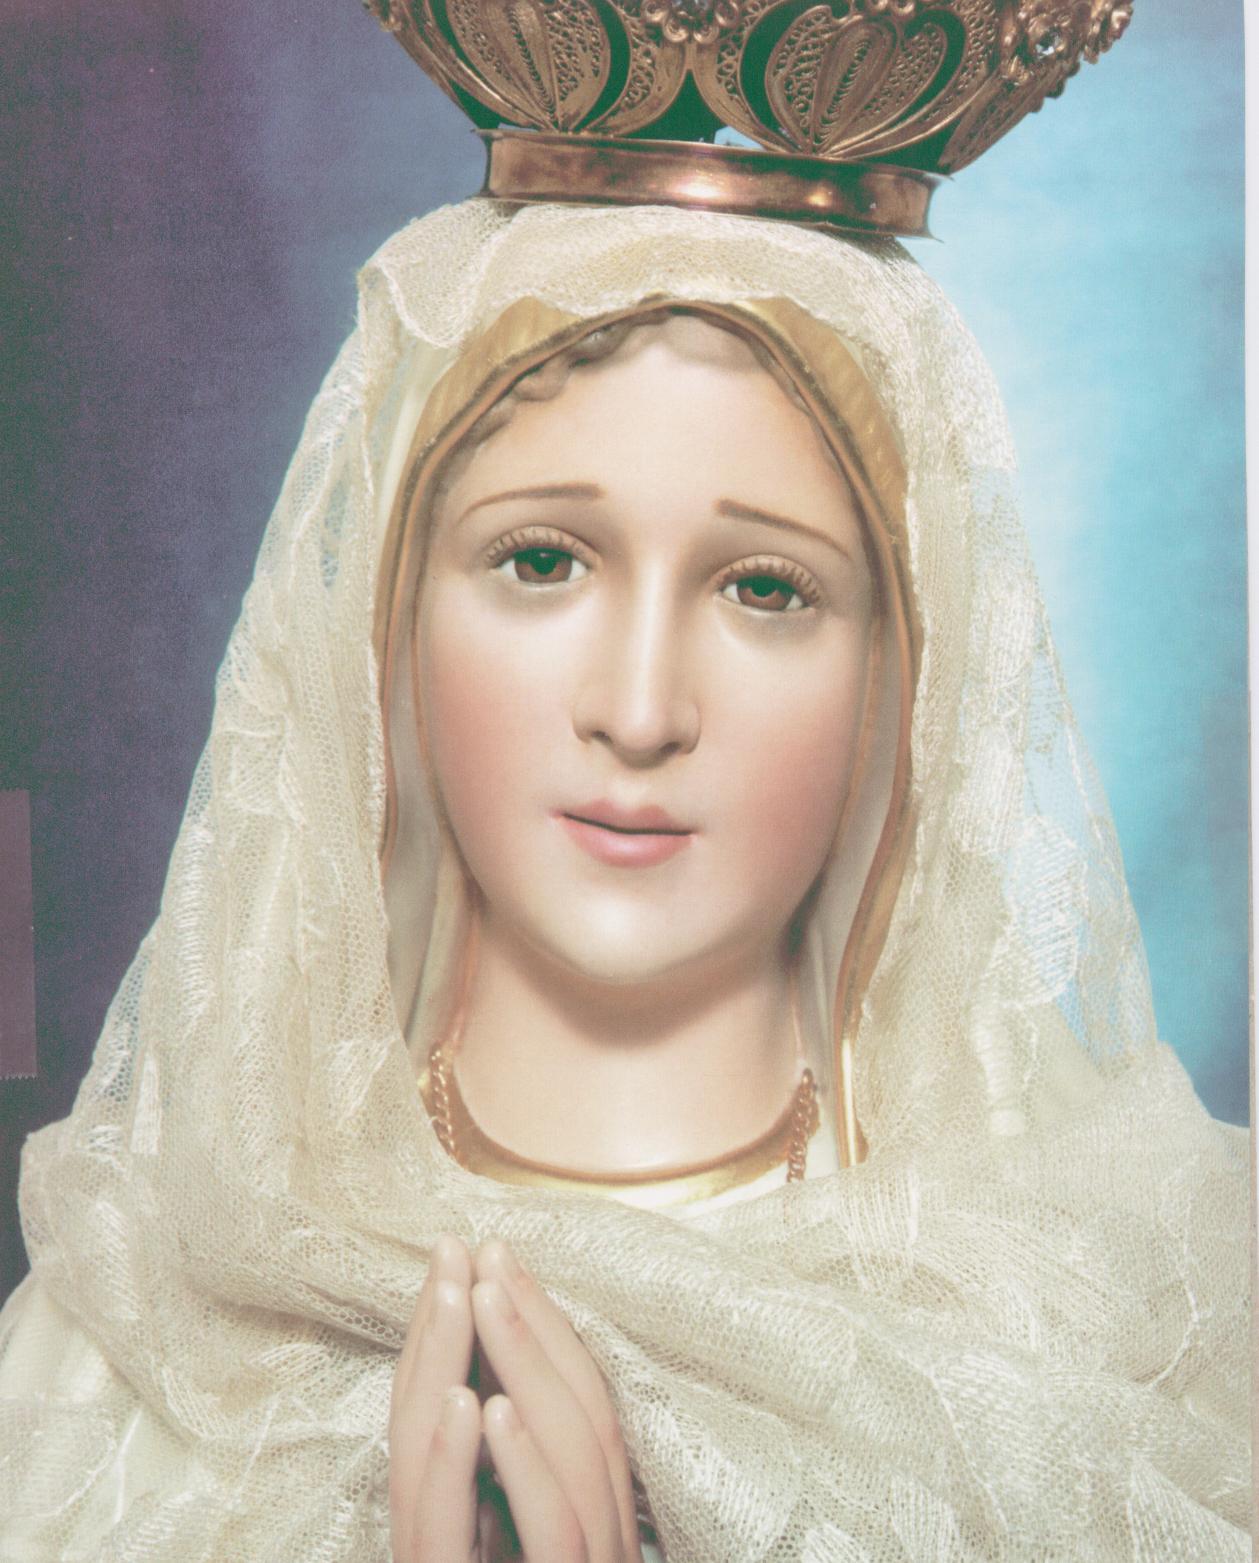 Virgen de Fátima - Wikipedia, la enciclopedia libre